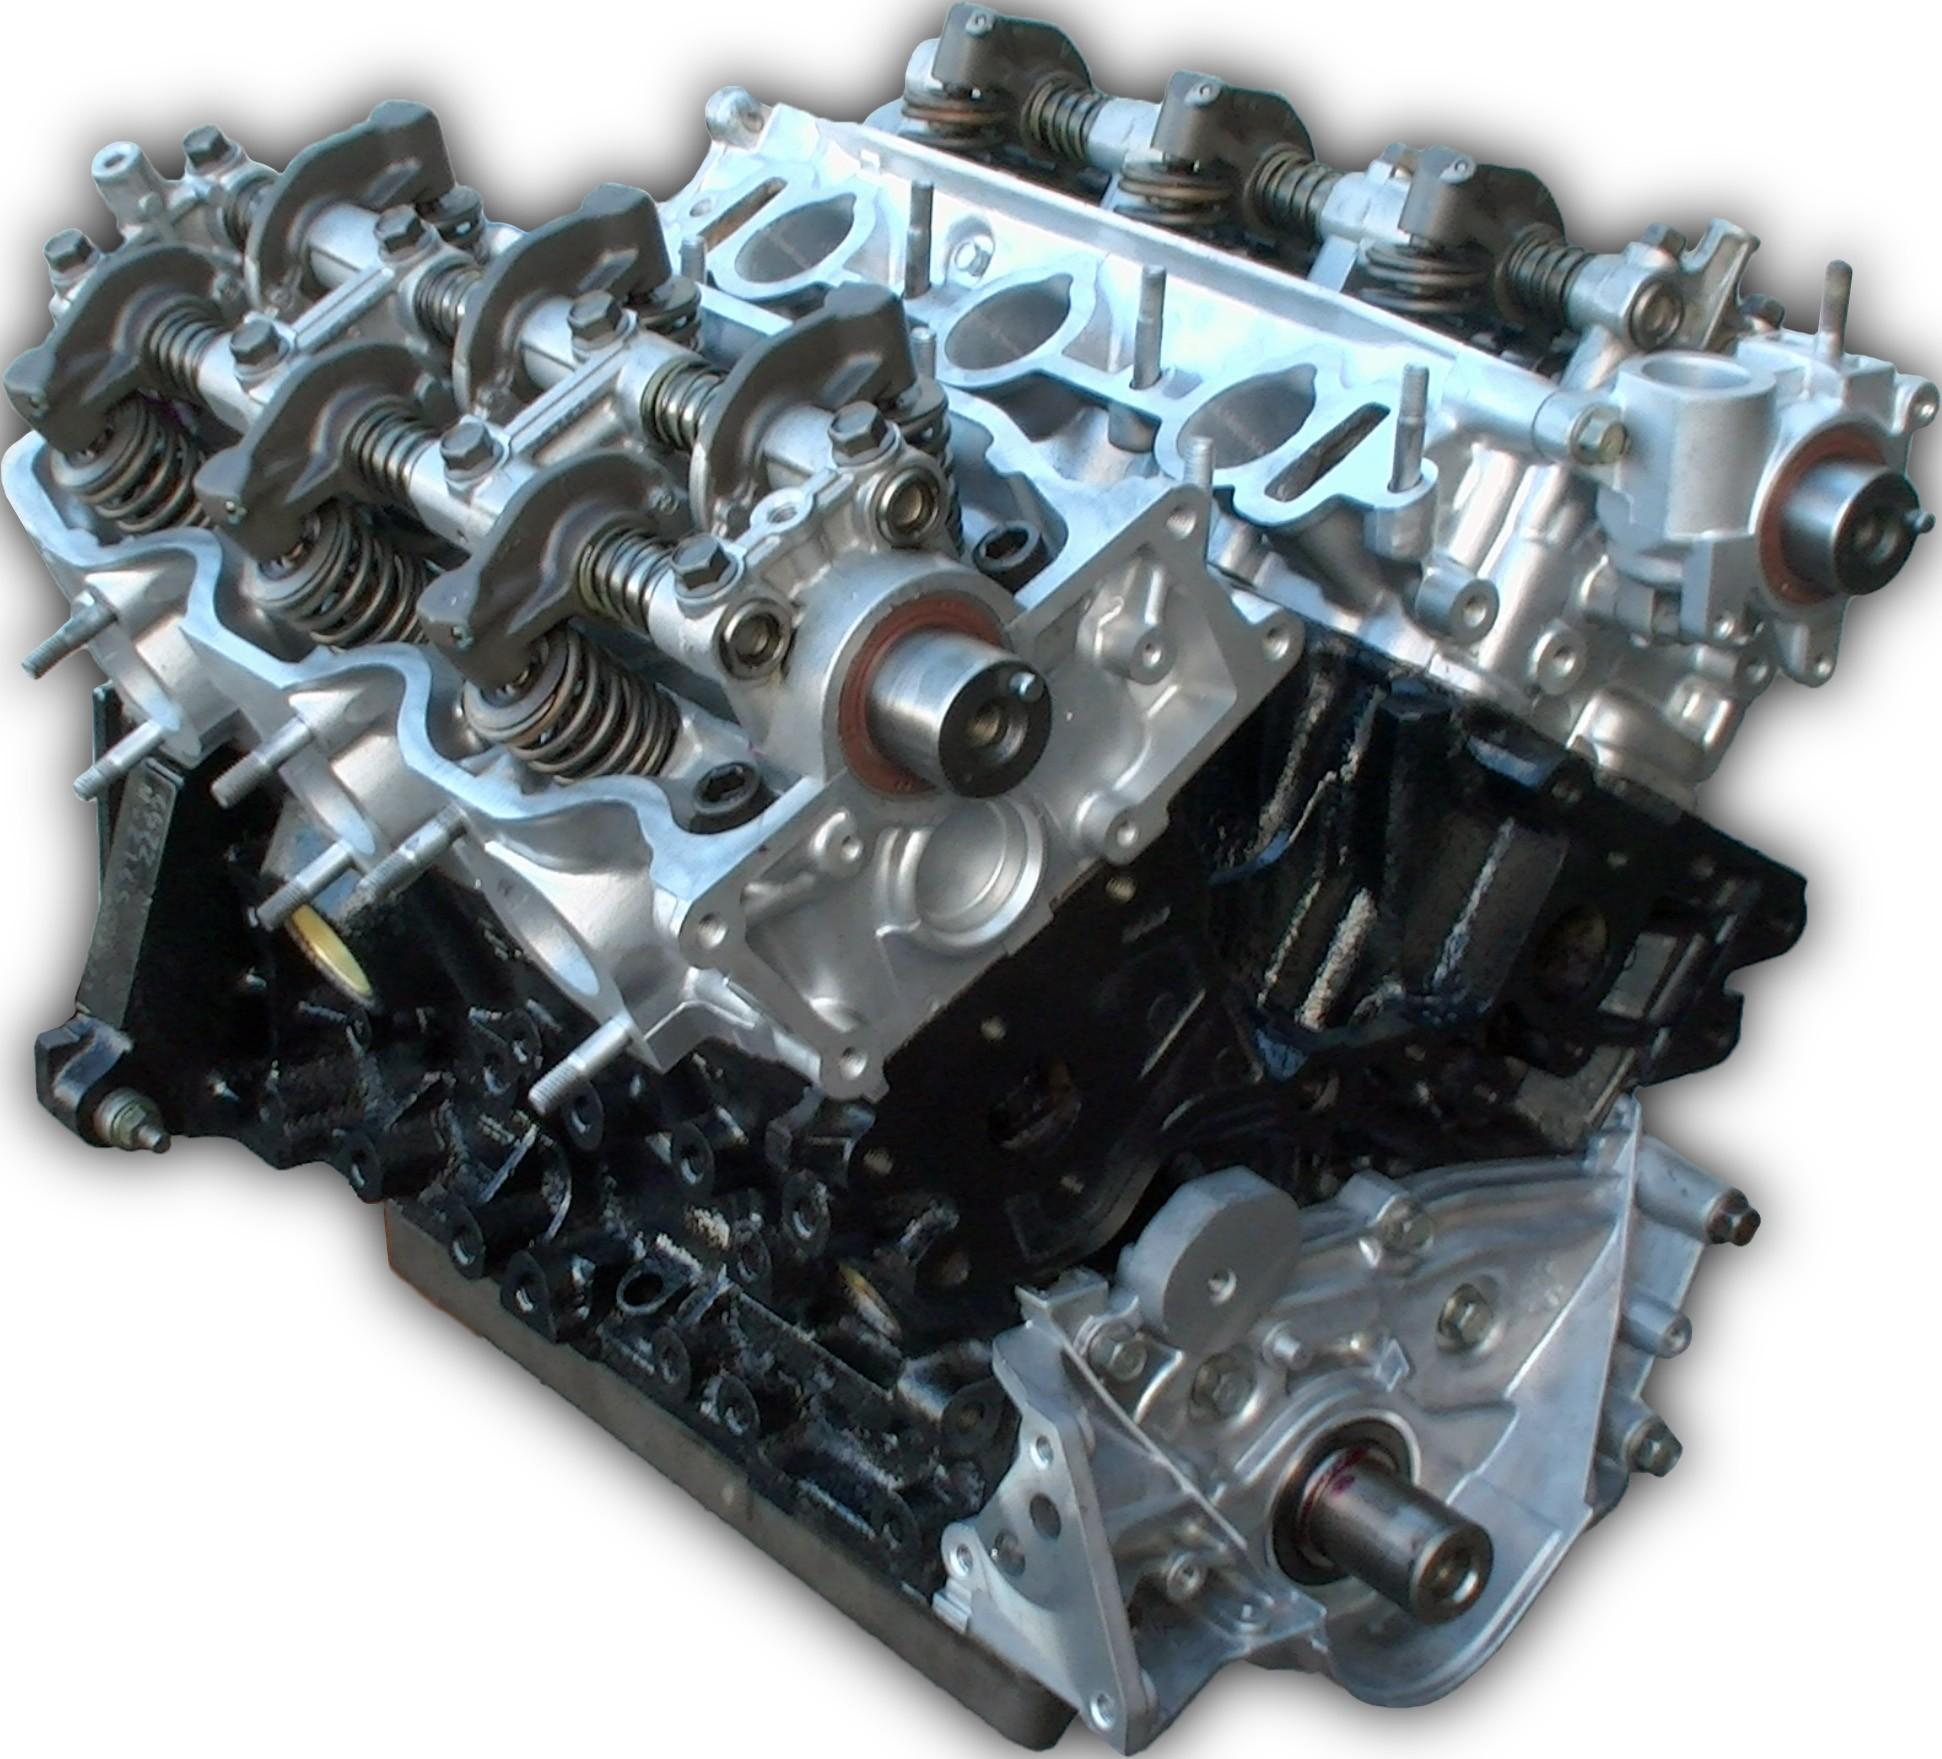 dodge 3 0l v6 engine diagram